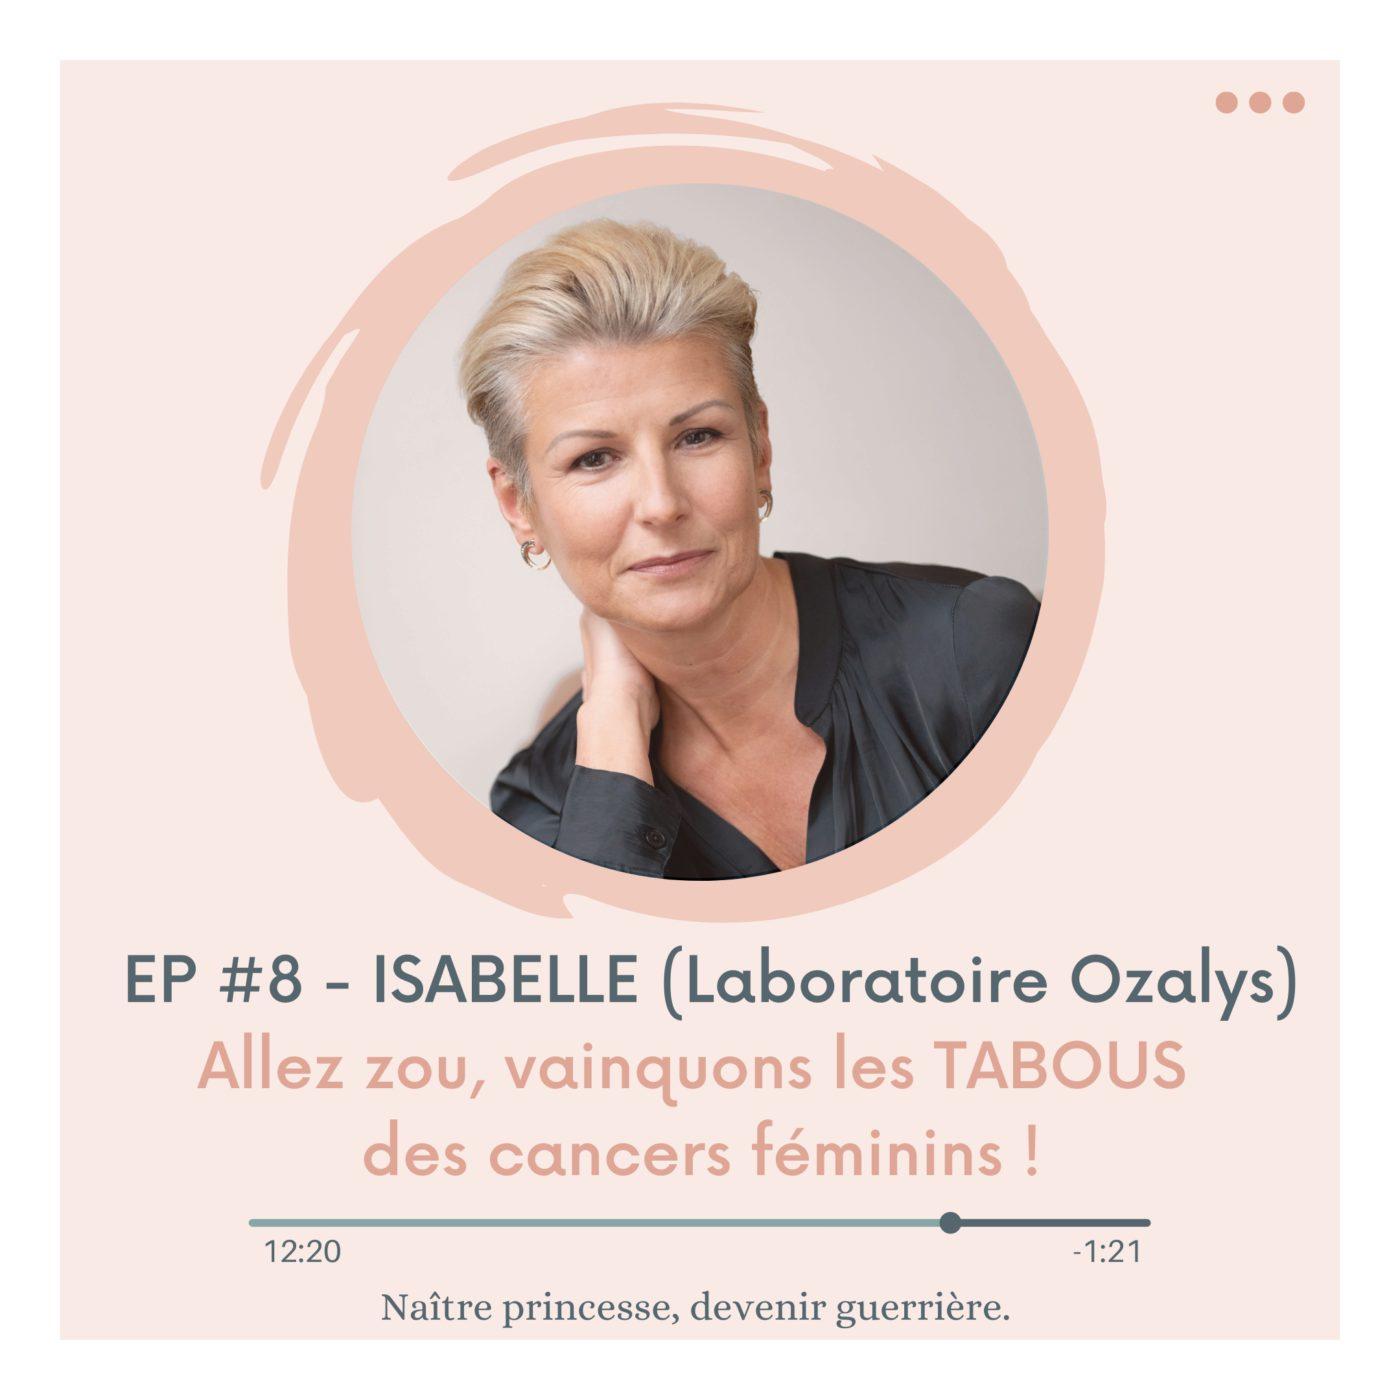 EP#8 - ALLEZ ZOU, VAINQUONS LES TABOUS DES CANCERS FÉMININS. ISABELLE GUYOMARCH (Laboratoire Ozalys).